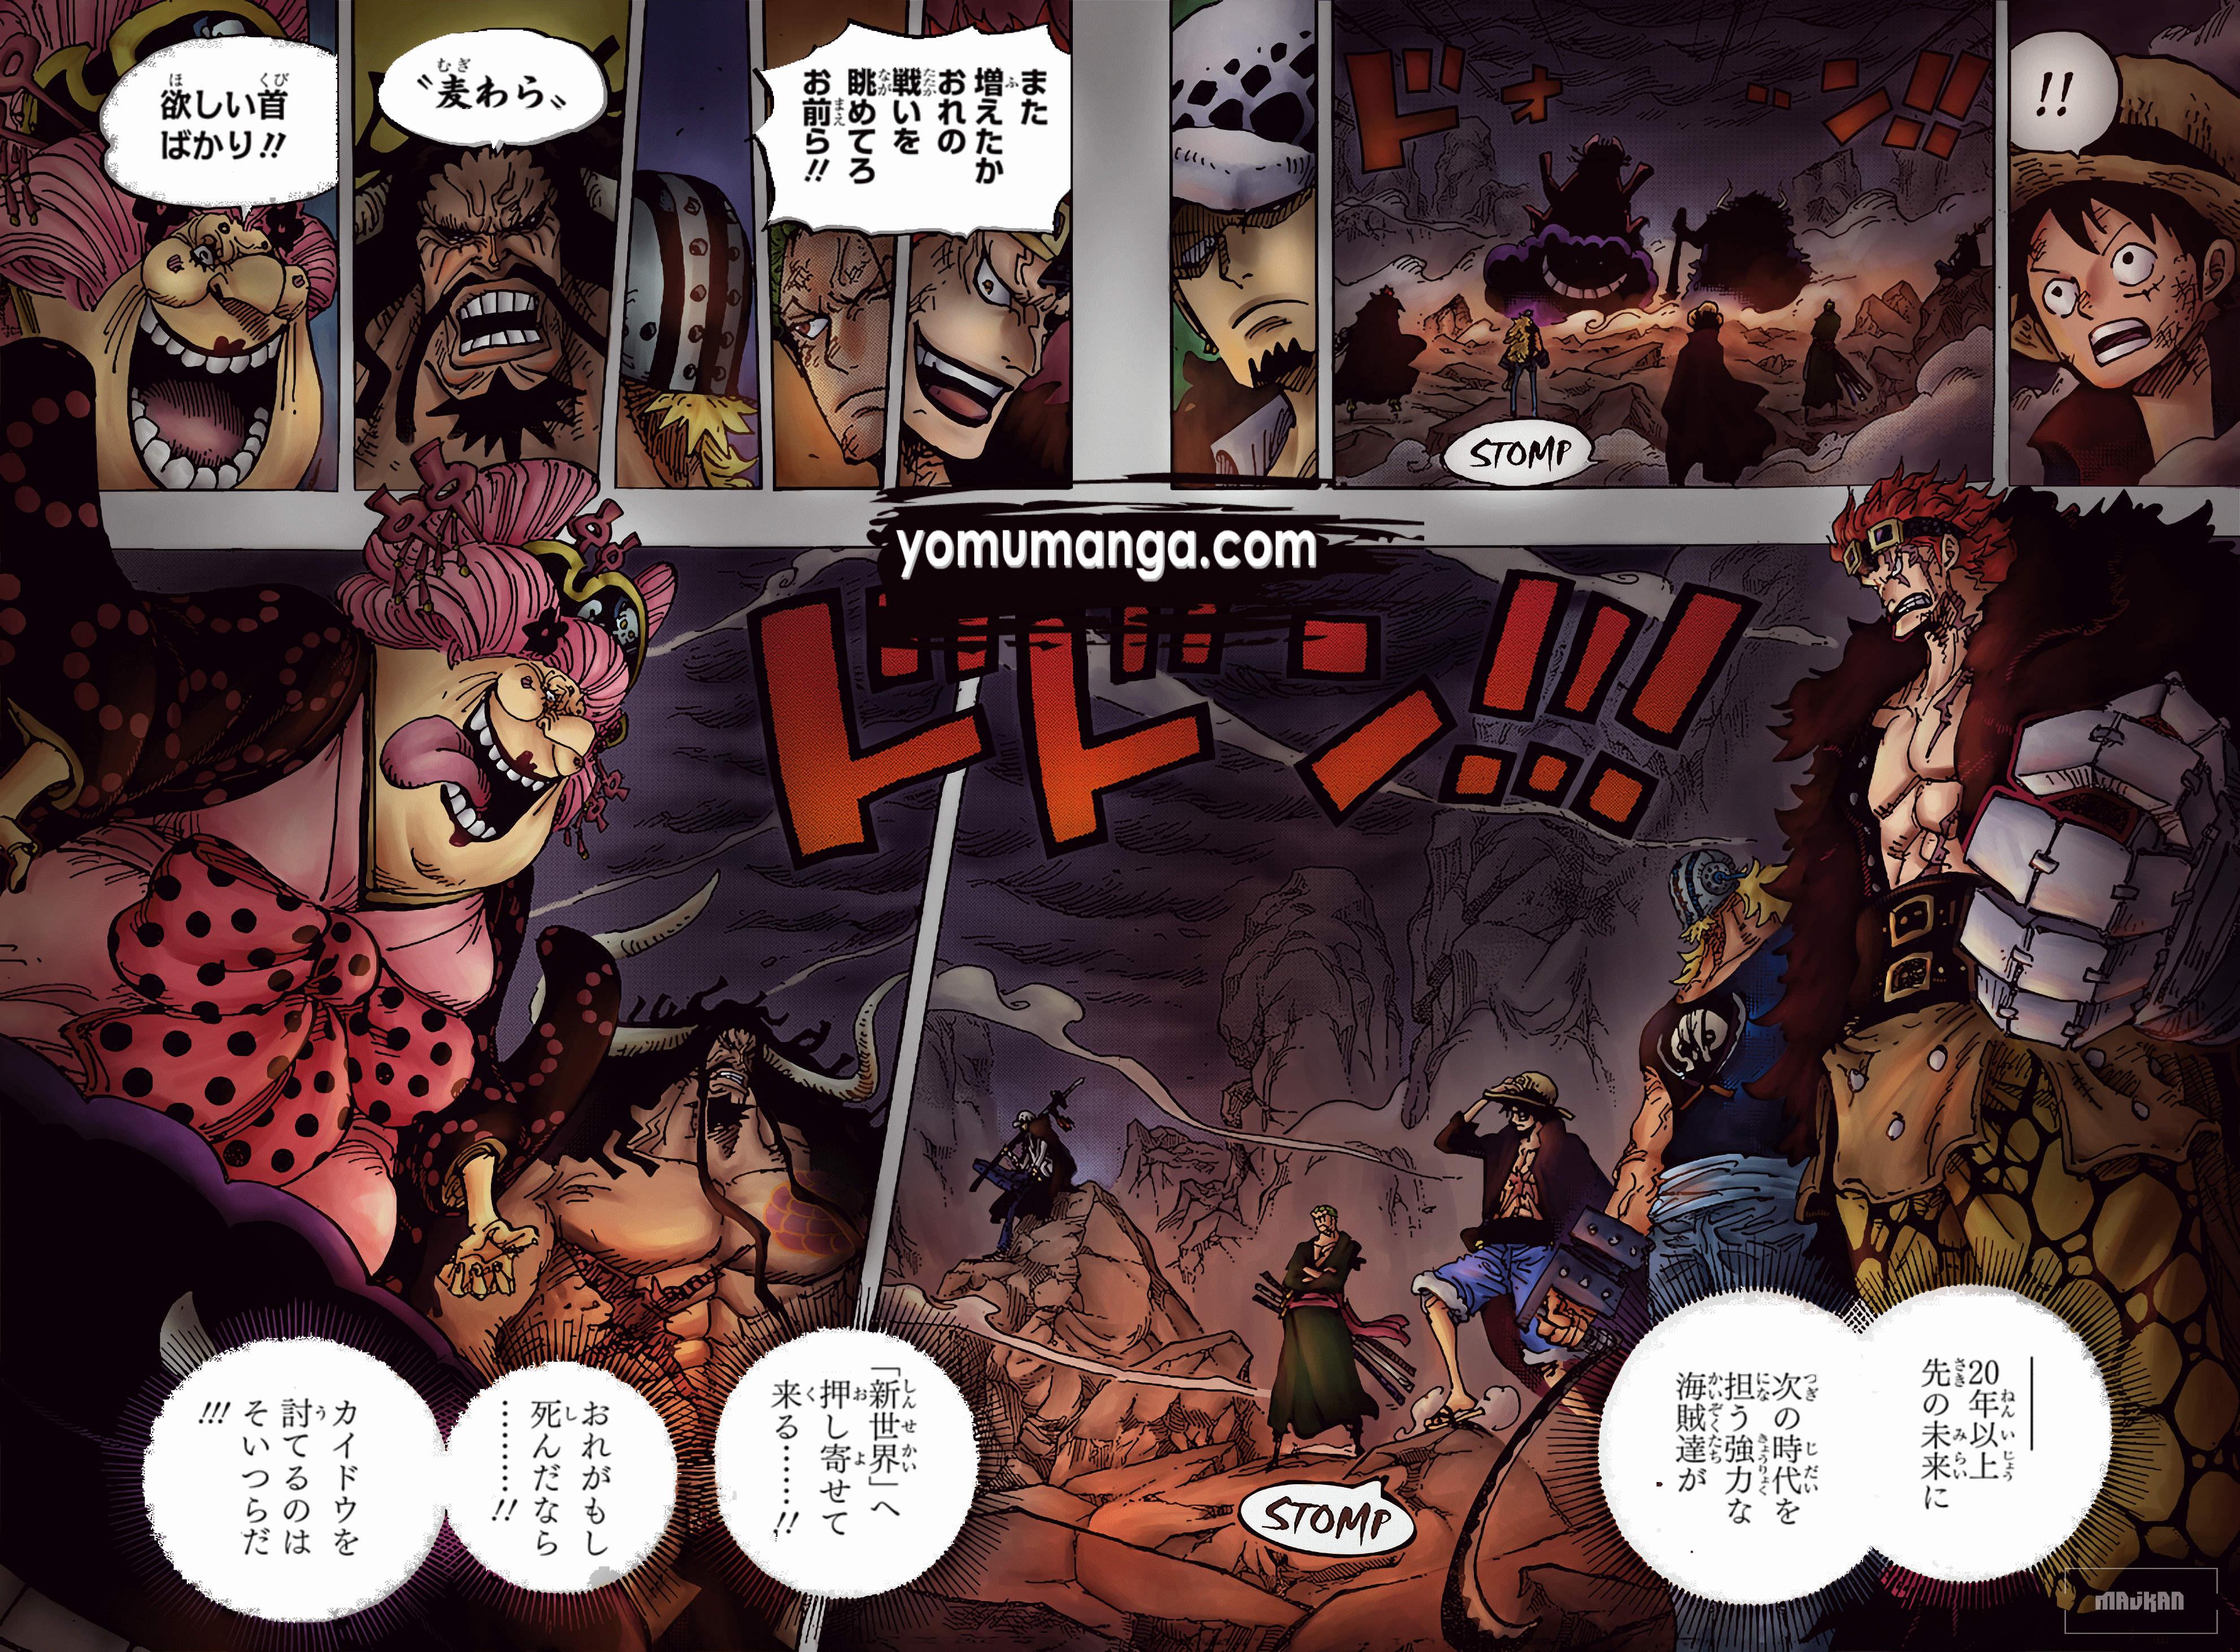 Raw 進撃 漫画